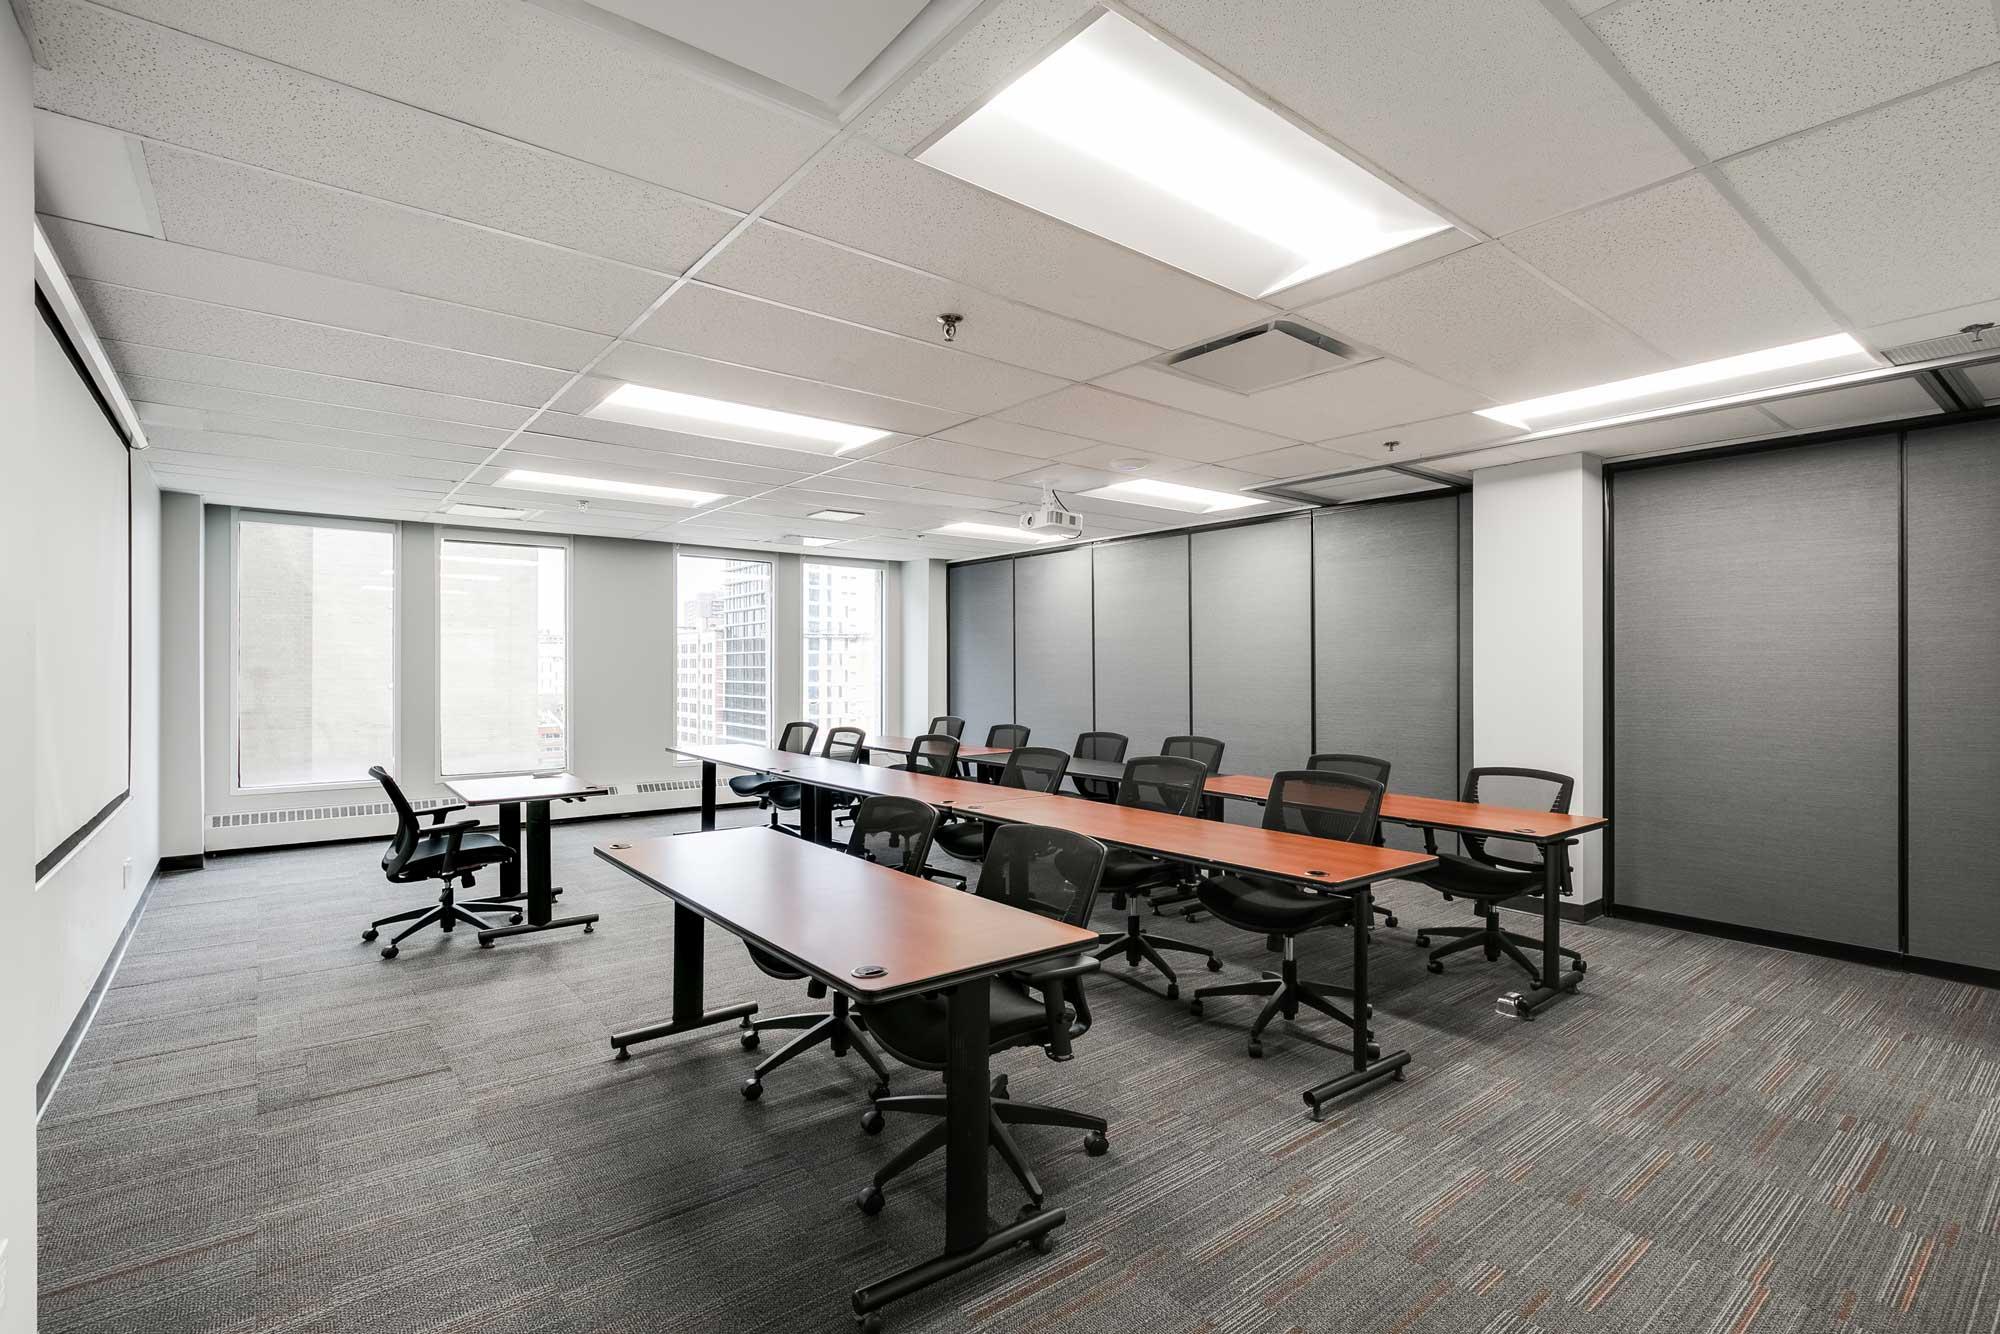 salle de classe avec tables et chaises